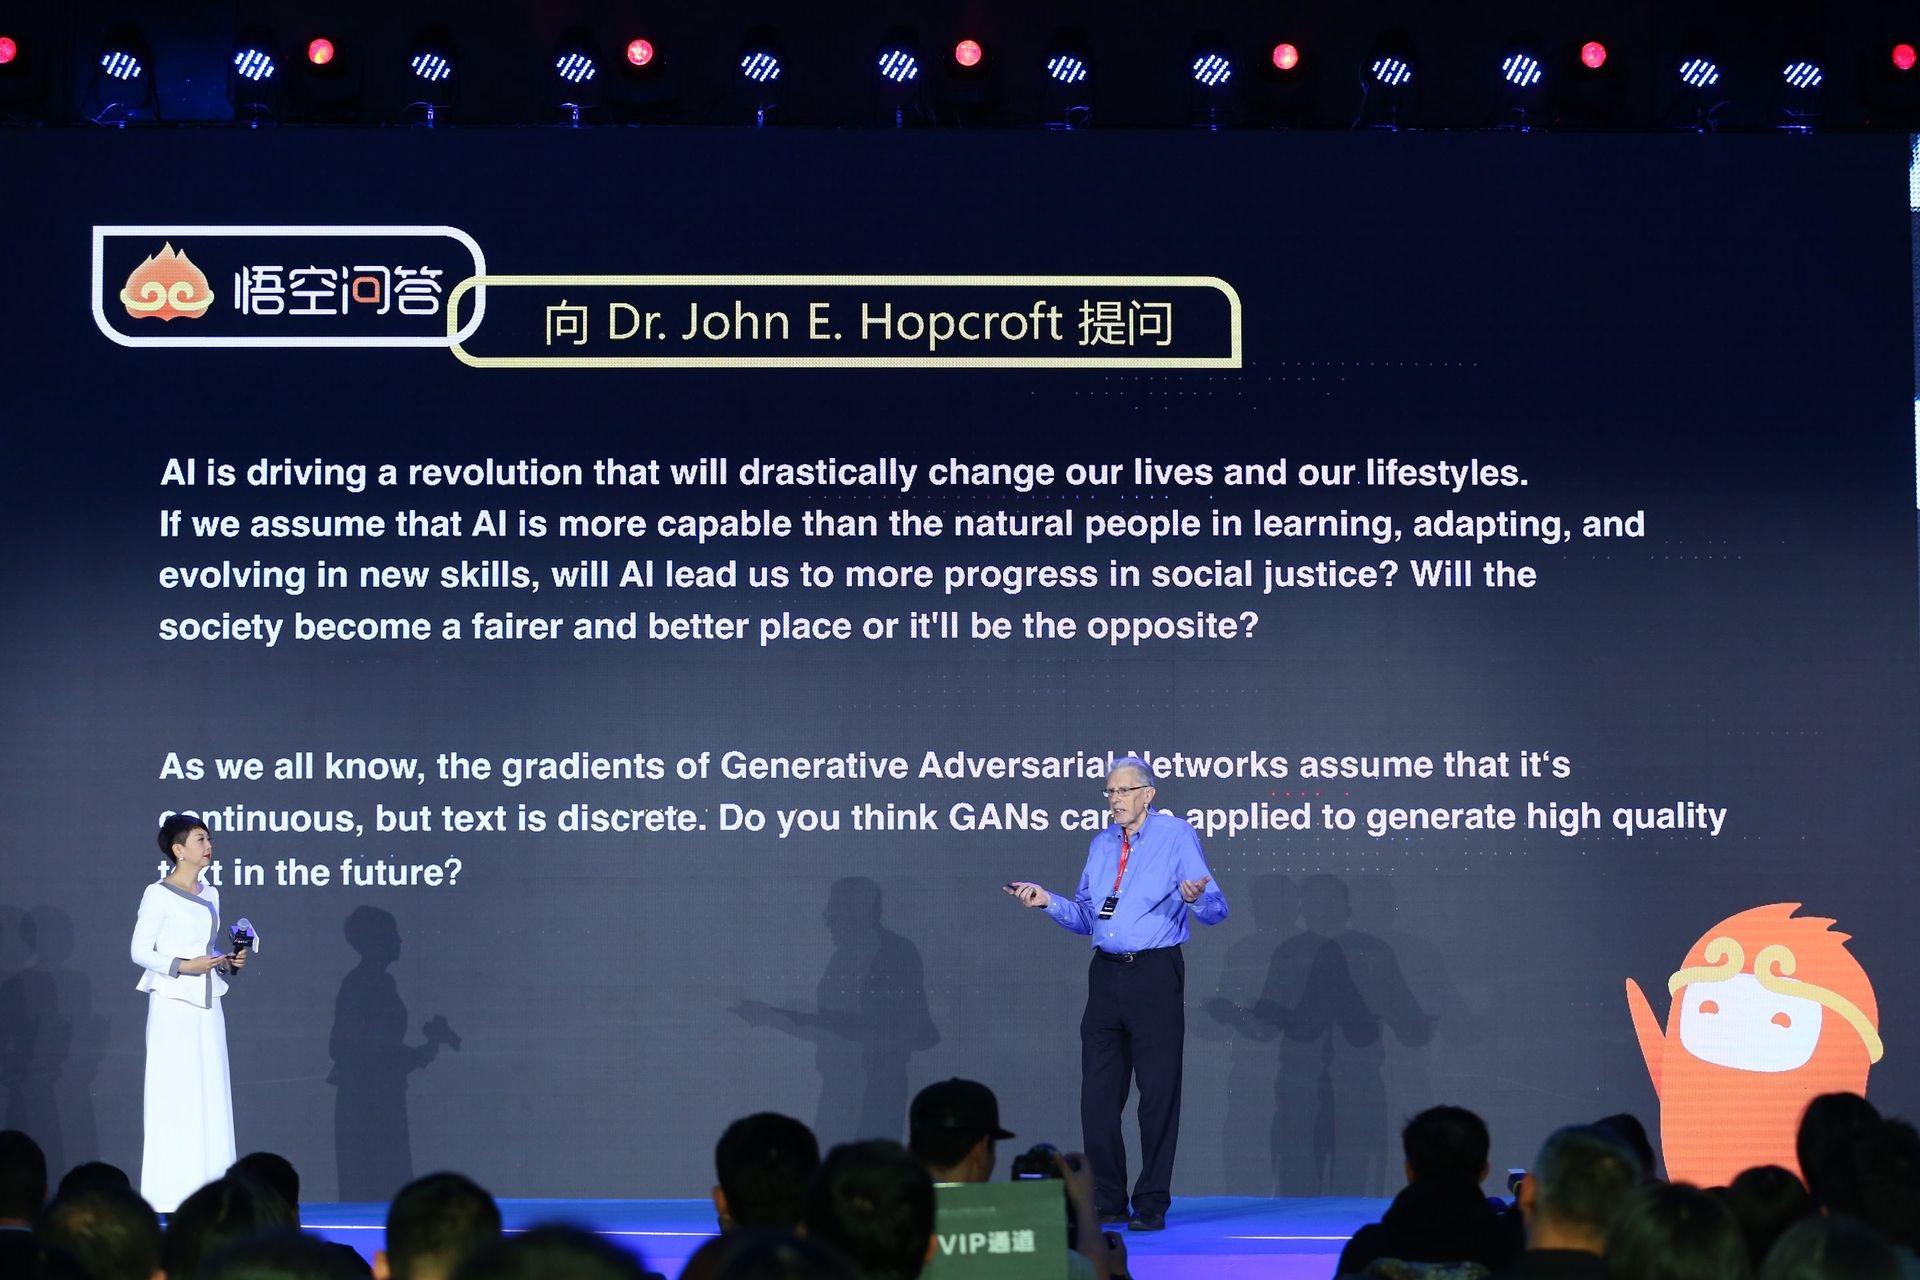 今日头条全球AI峰会:图灵奖得主与悟空问答网友互动